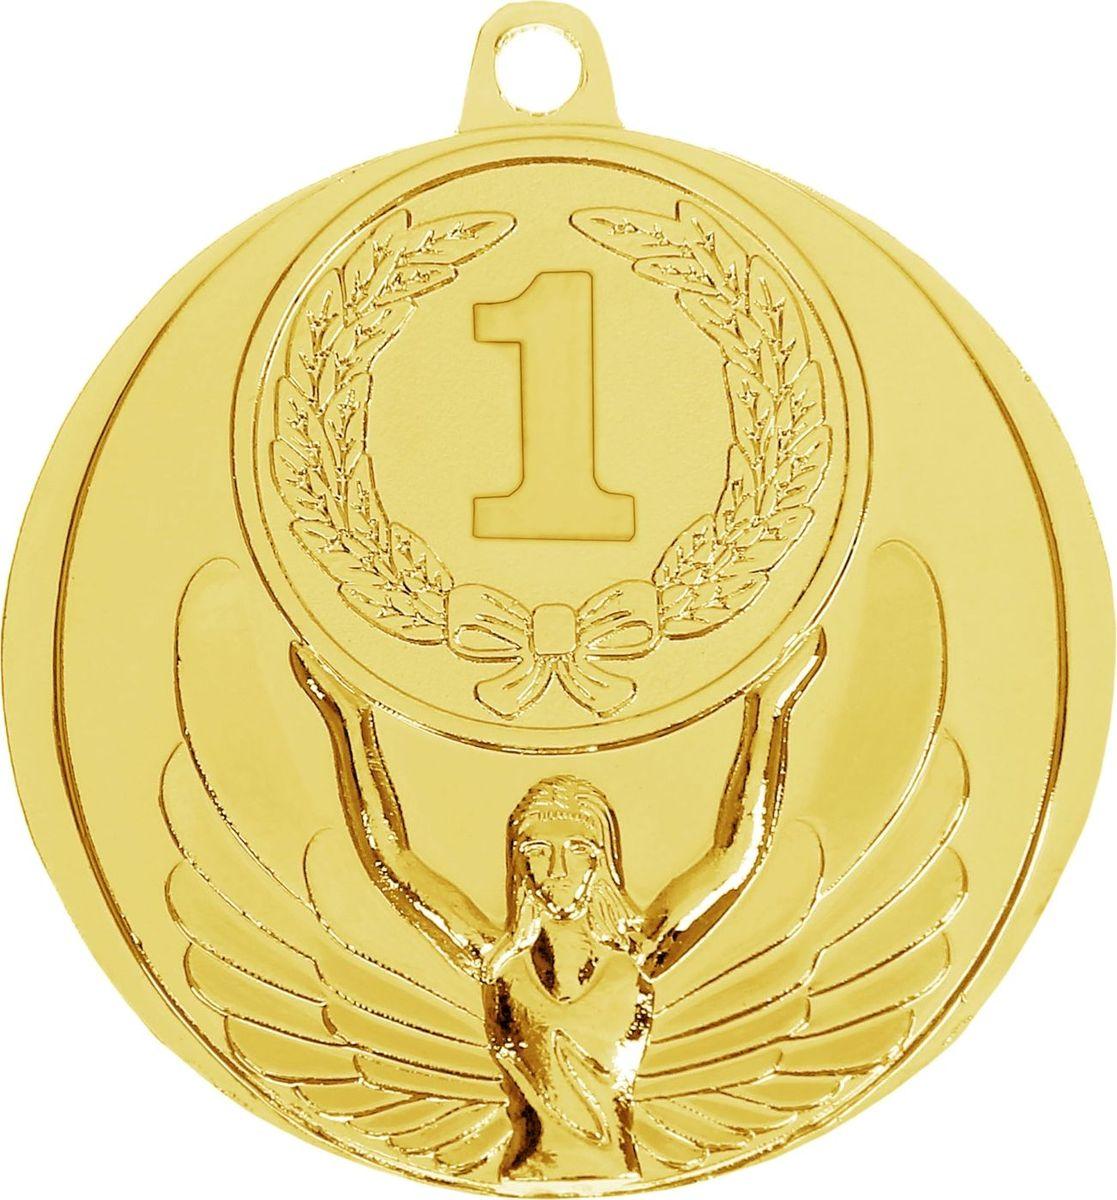 Медаль сувенирная 1 место, цвет: золотистый, диаметр 4,5 см. 0171028262Медаль — знак отличия, которым награждают самых достойных. Она вручается лишь тем, кто проявил настойчивость и волю к победе. Такое достижение должно остаться в памяти на долгие годы. Поэтому любое спортивное состязание (профессиональное, среди любителей или корпоративное мероприятие) — отличный повод для того, чтобы отметить лучших из лучших. На металлической медали изображена фигура Ники — богини победы в древнегреческой мифологии. ХарактеристикиДиаметр медали: 4,5 см. Диаметр вкладыша (оборот): 4 см.